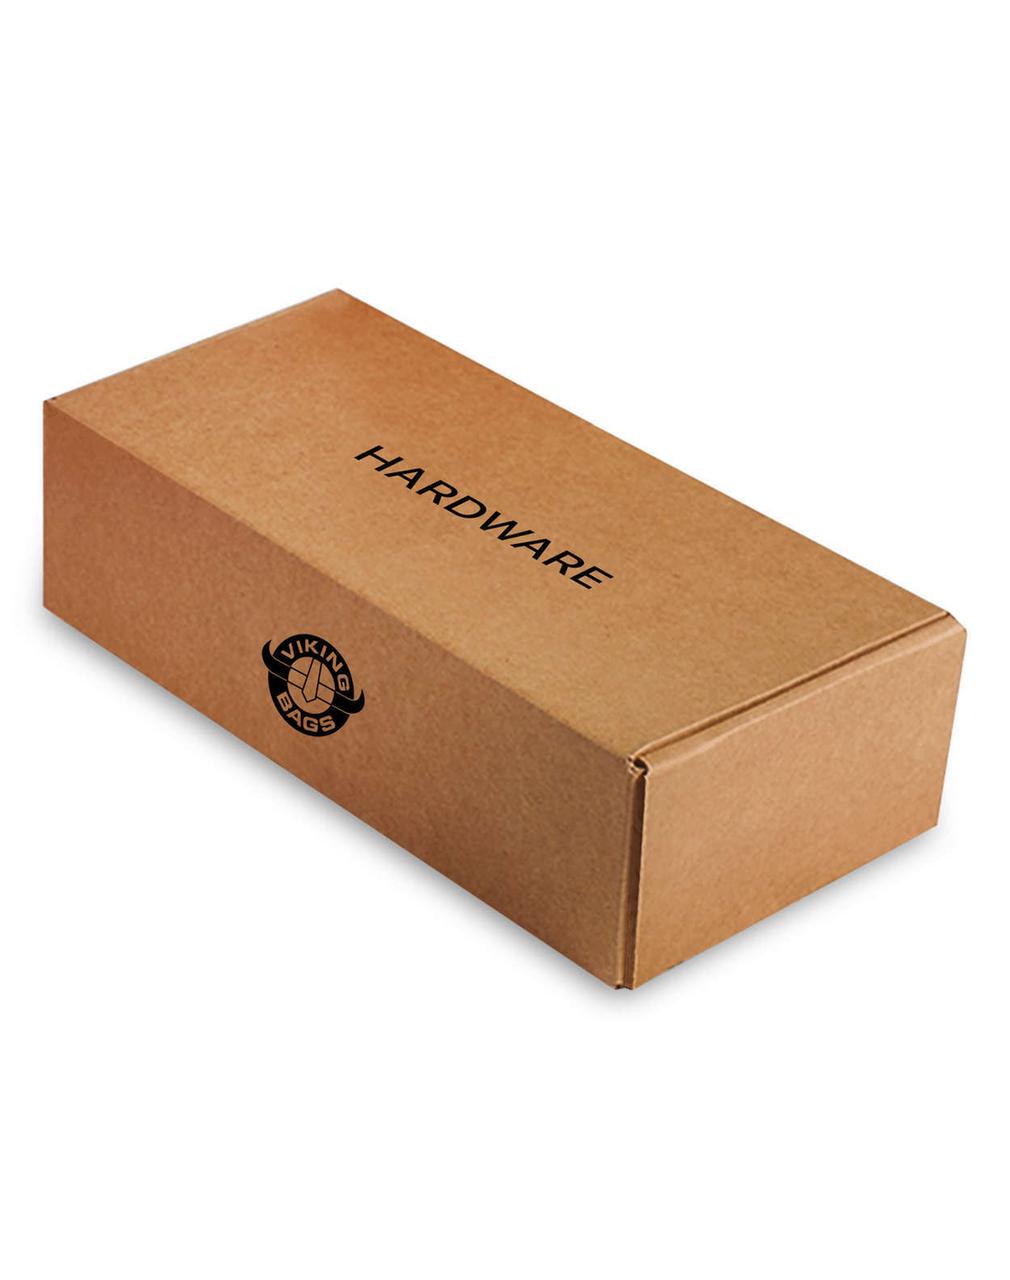 Honda 1500 Valkyrie Interstate Slanted Studded Large Motorcycle Saddlebags Hardware Box